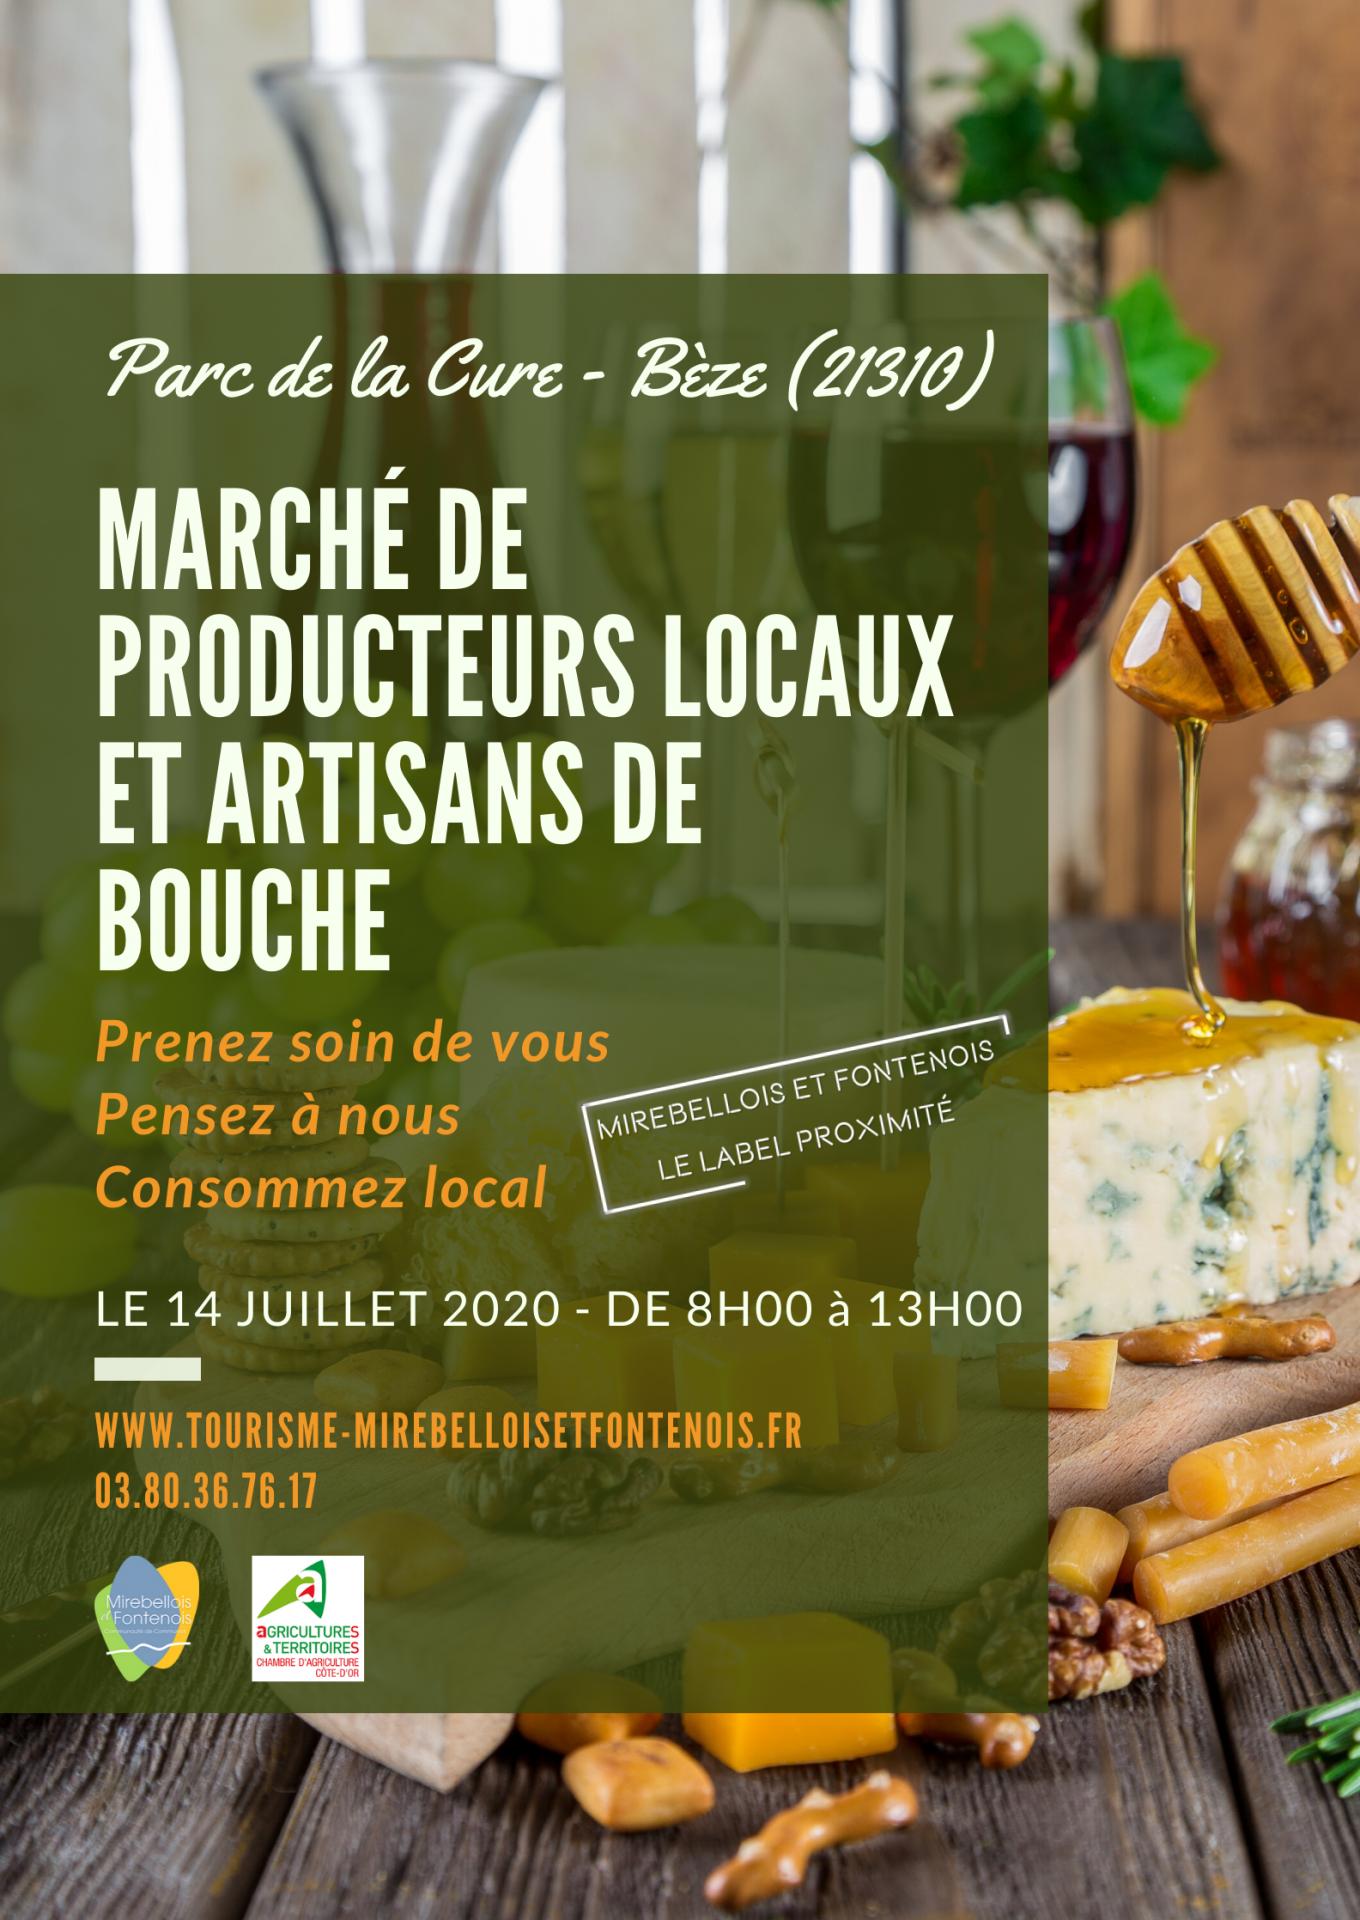 Affiche marche de producteurs locaux et artisans de bouche beze 14 07 20 1